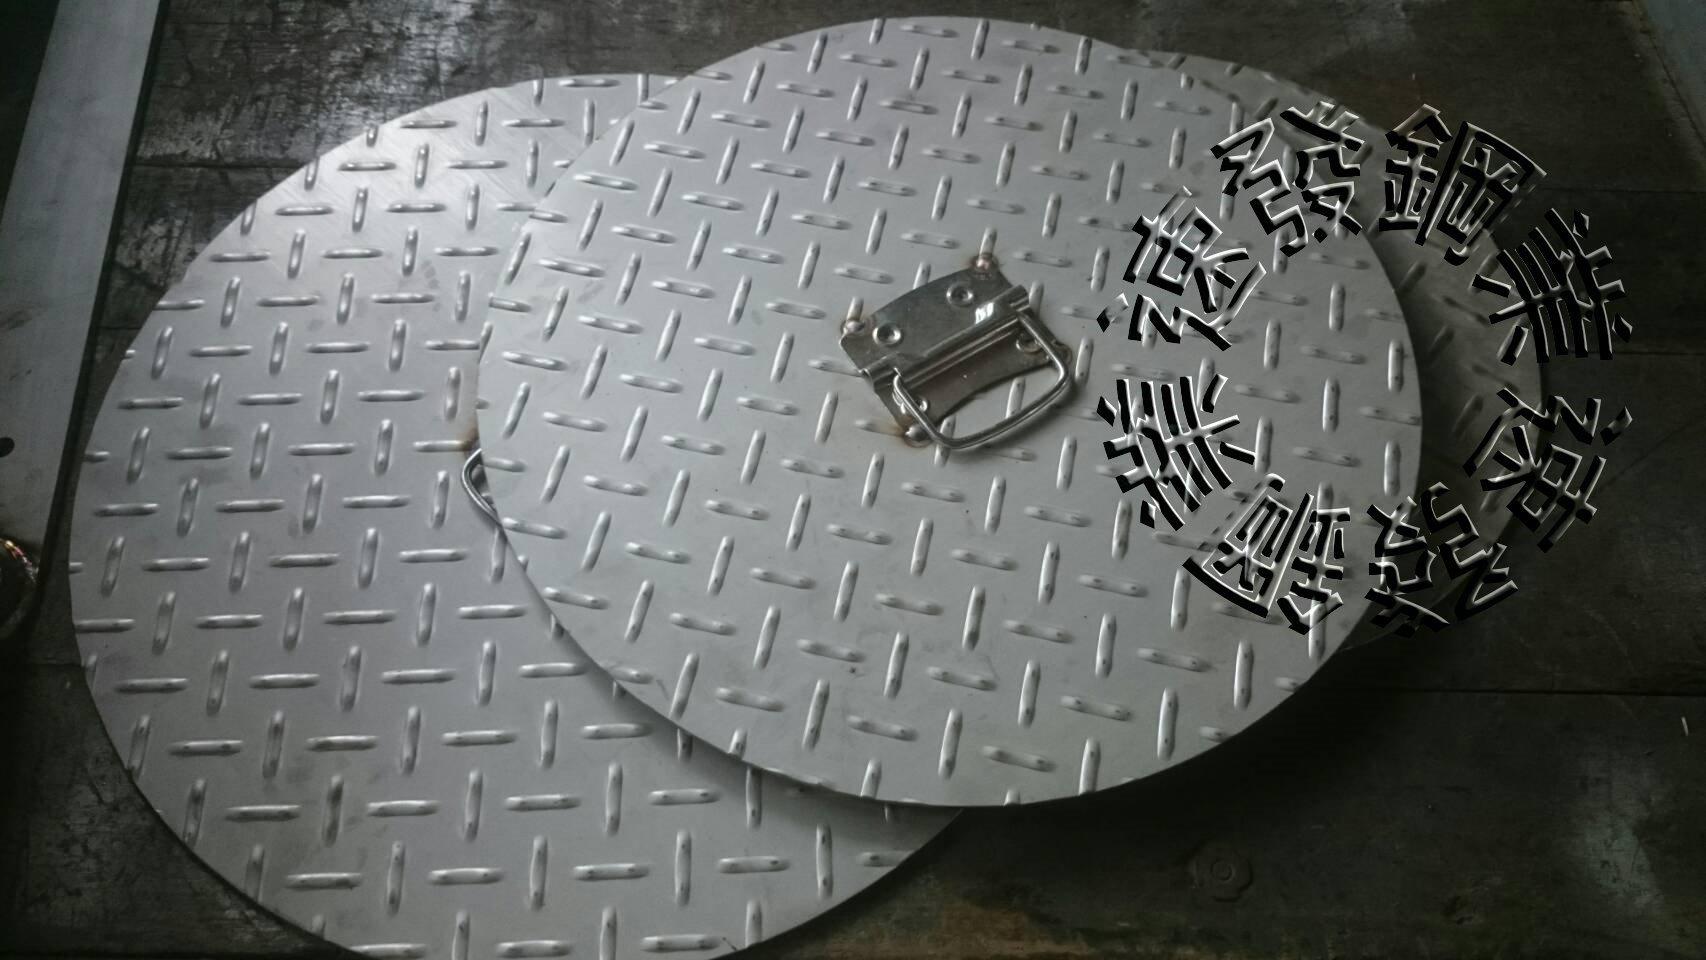 速發~不鏽鋼304白鐵正圓型止滑板水溝蓋板防臭腳踏板花紋鍍鋅板走道斜板蓋板水溝蓋水肥DIY~封板(化糞池蓋板)